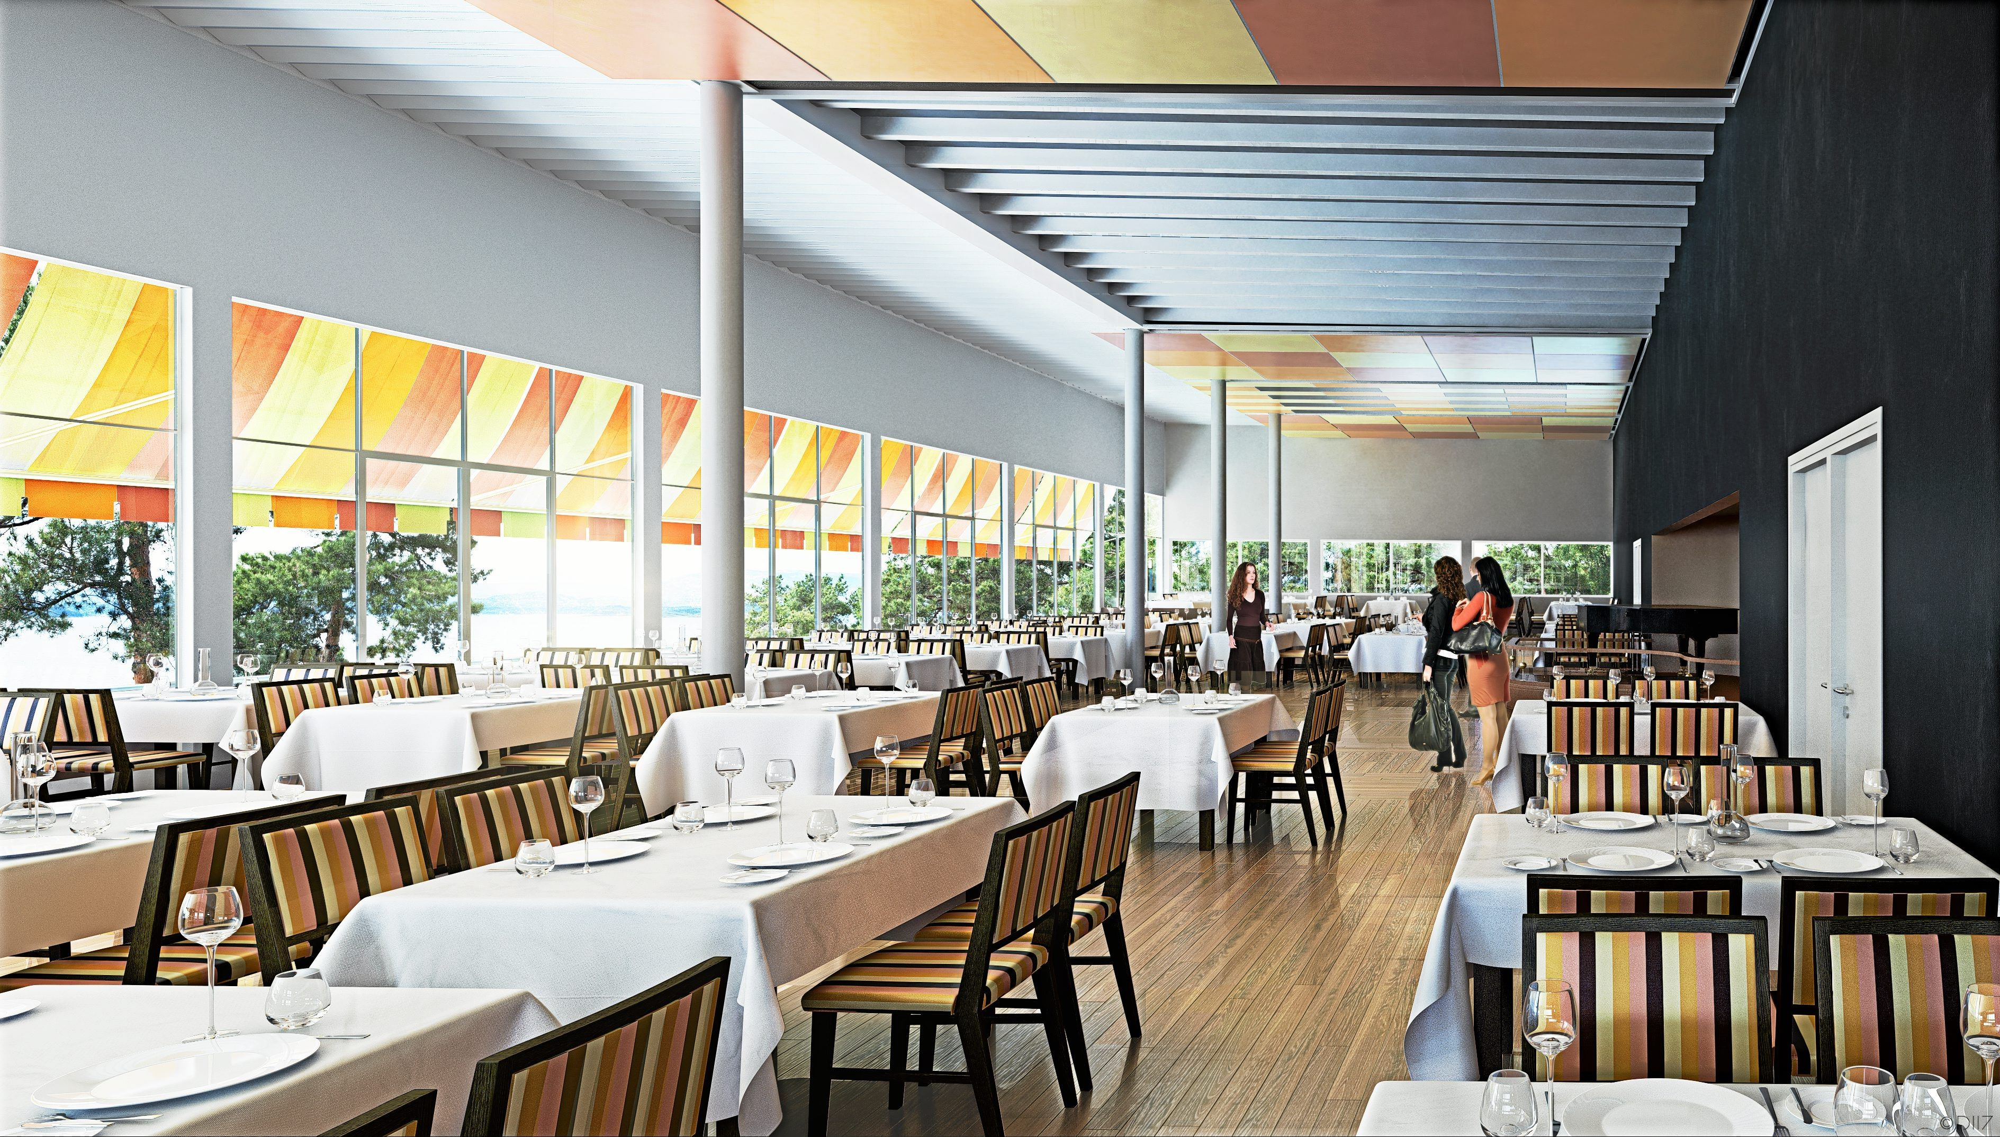 RESTAURERT: Restauranten er gjenskapt slik den var på storhetstiden på 1930-tallet.